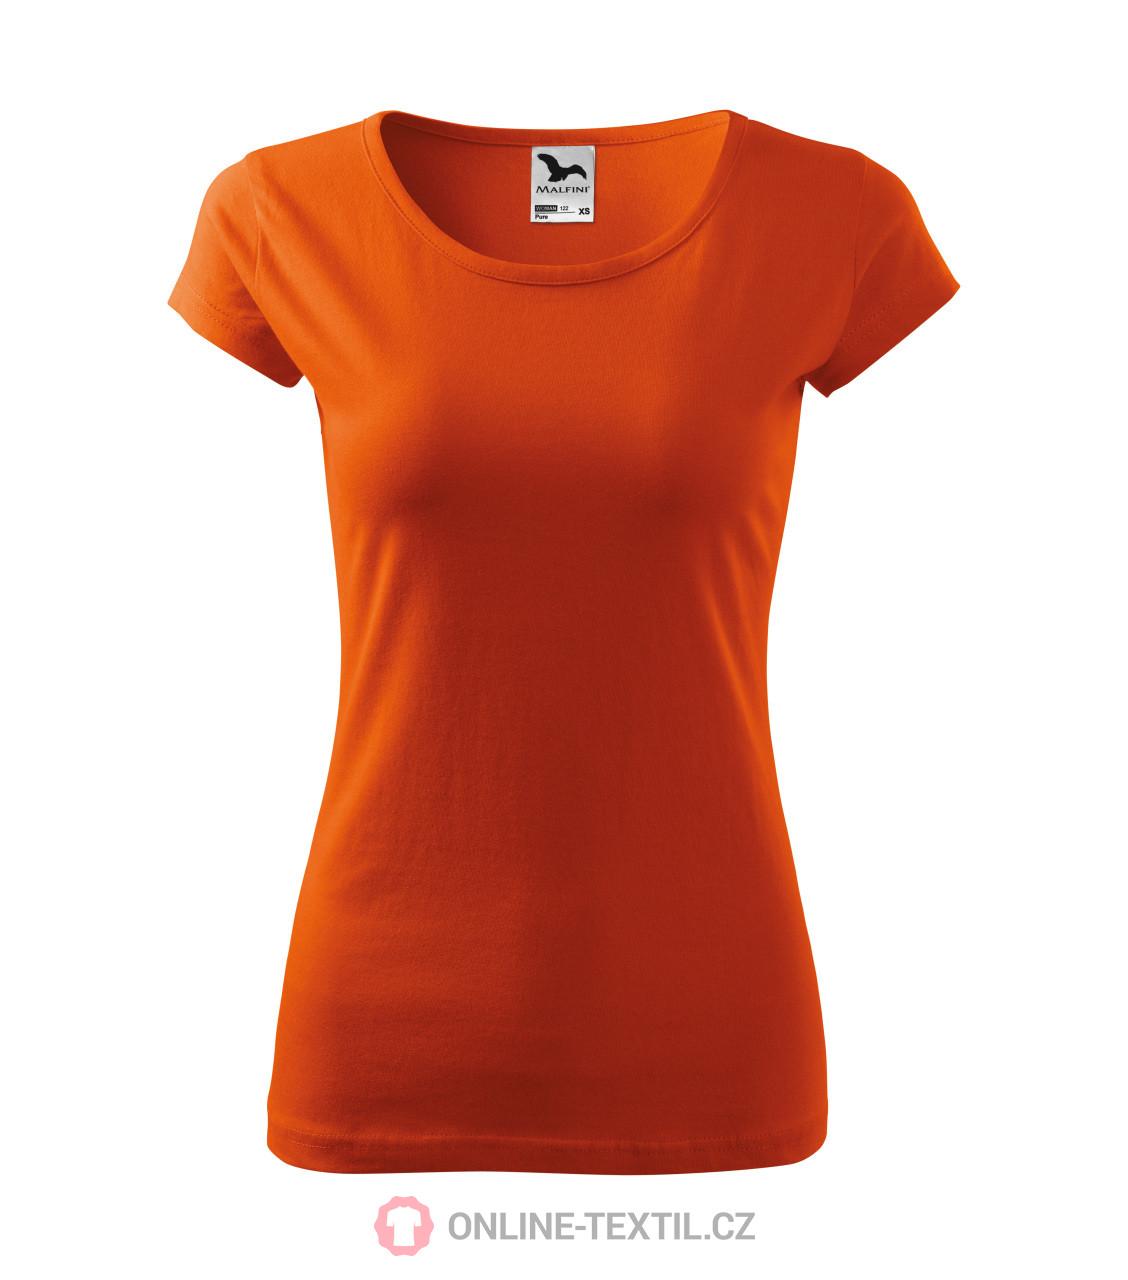 ADLER CZECH Tričká dámske Pure 122 - oranžová z kolekcie MALFINI ... 187dc028a26